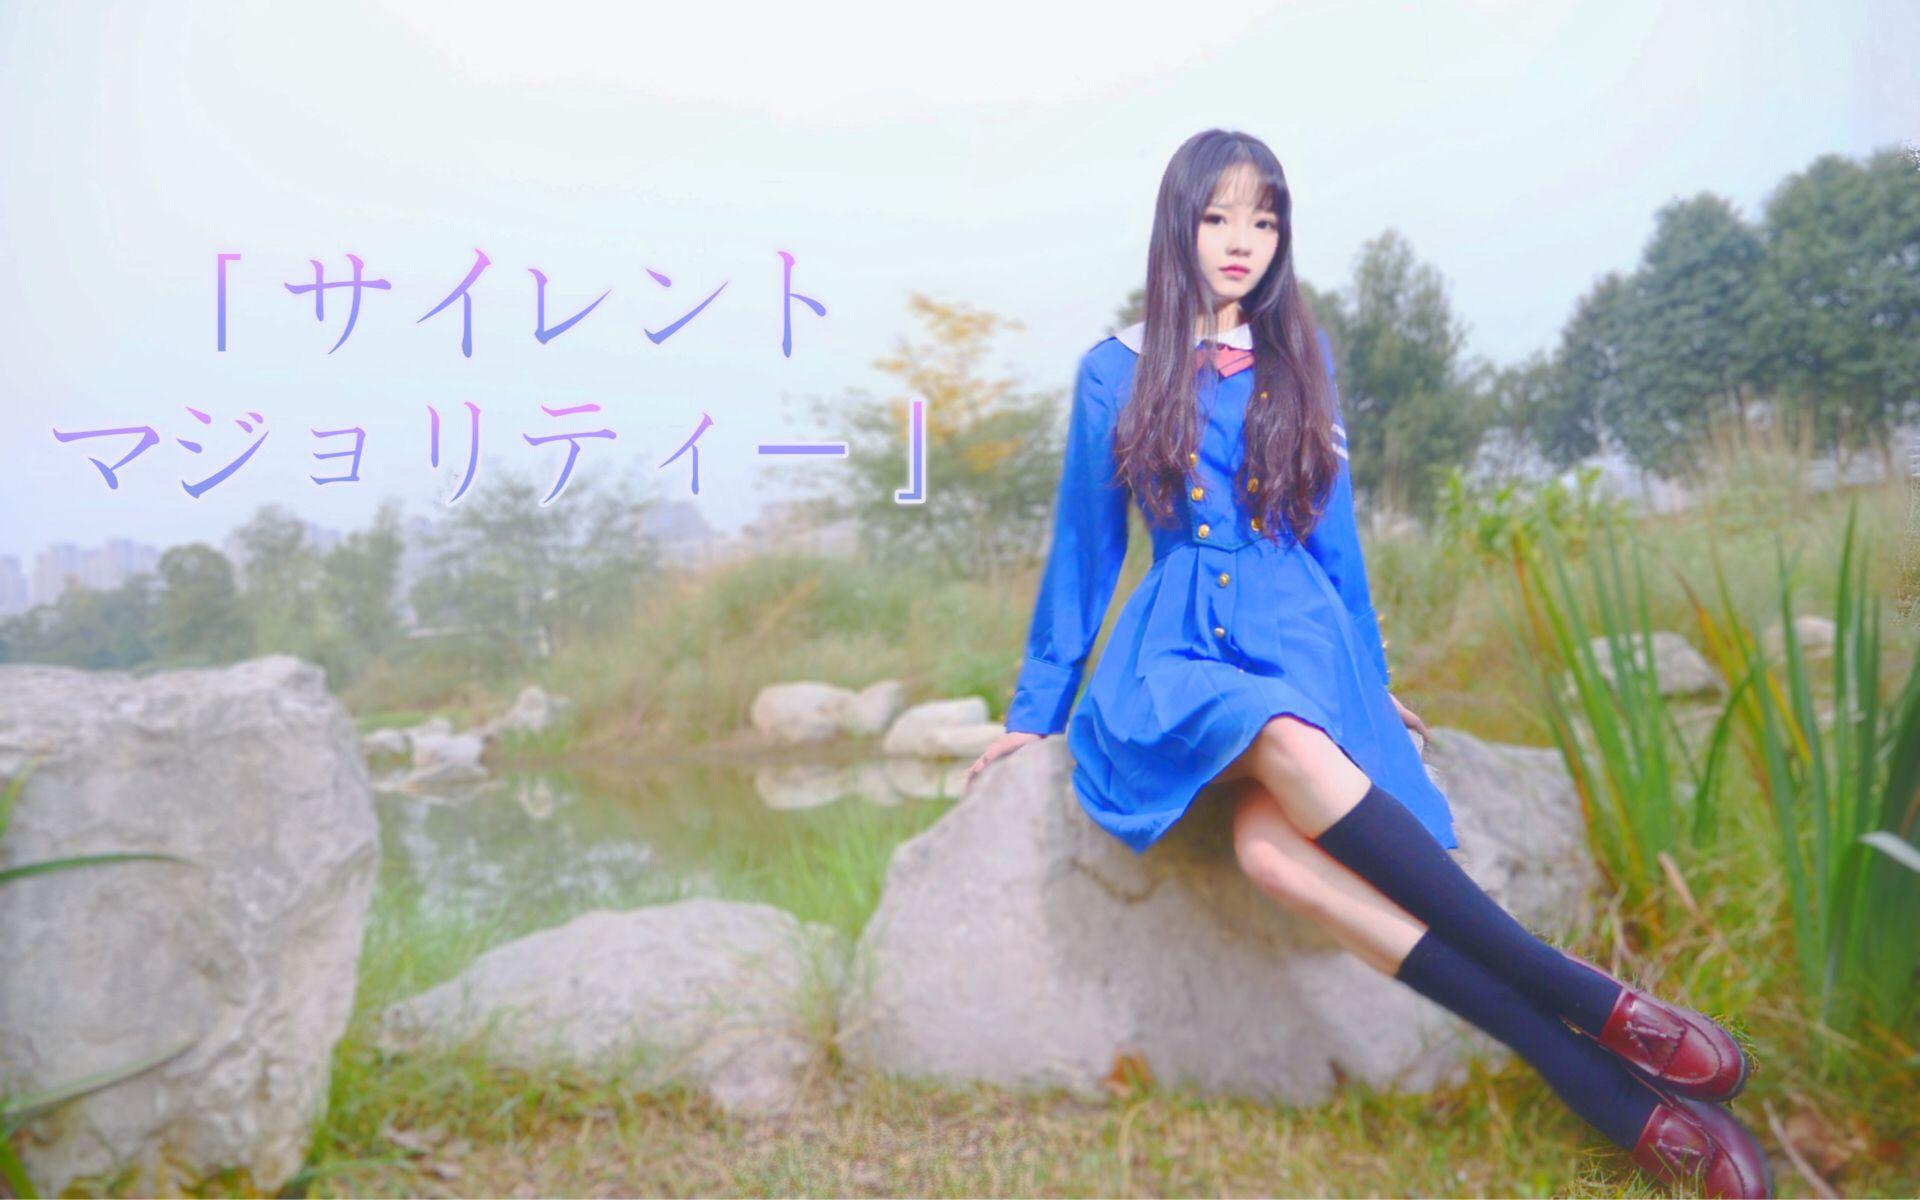 【阿呆】欅坂46◢沉默的多数派【身长170/土生位】